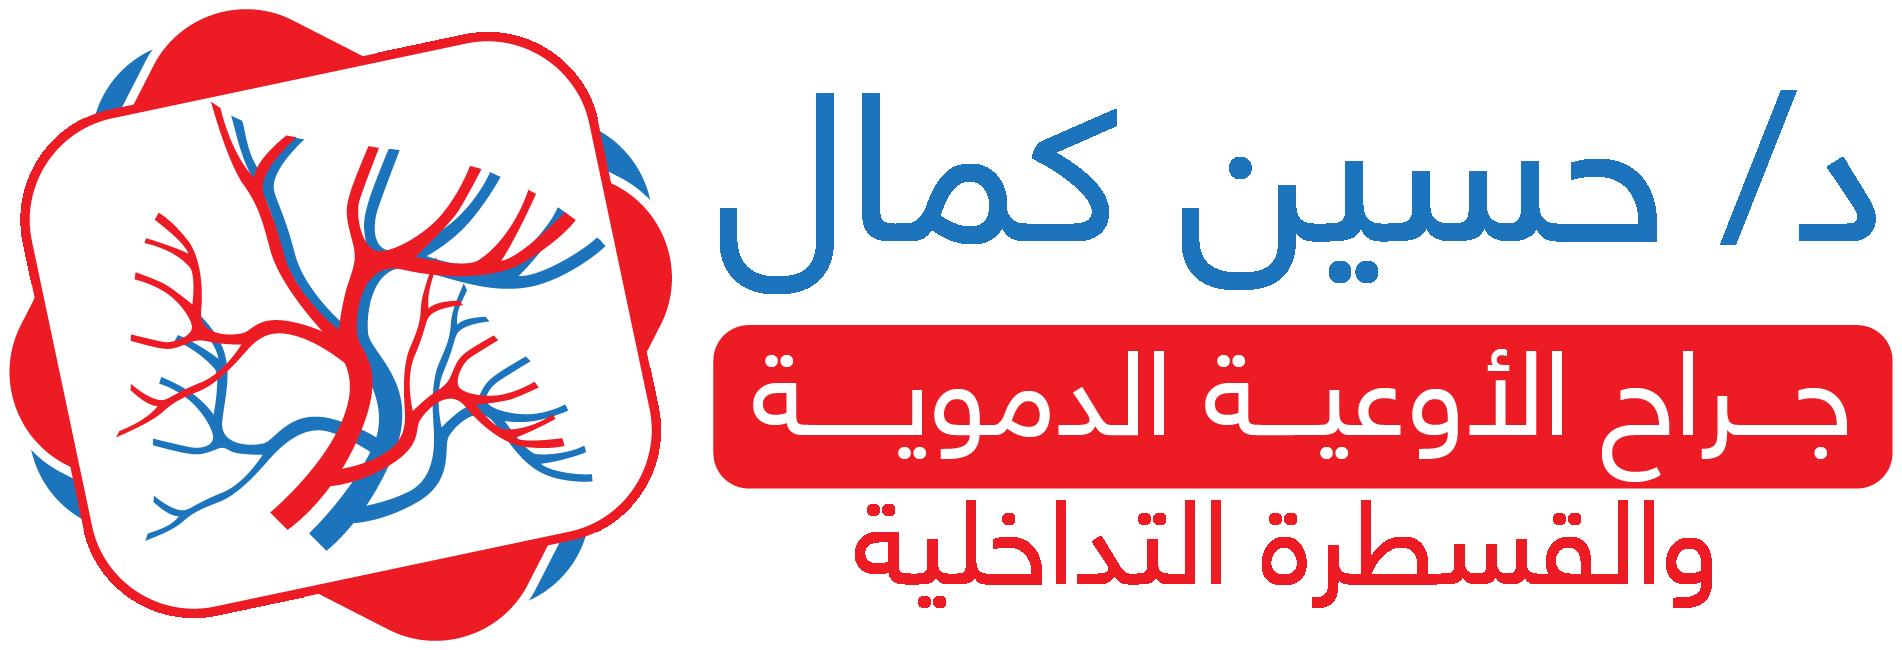 دكتور حسين كمال